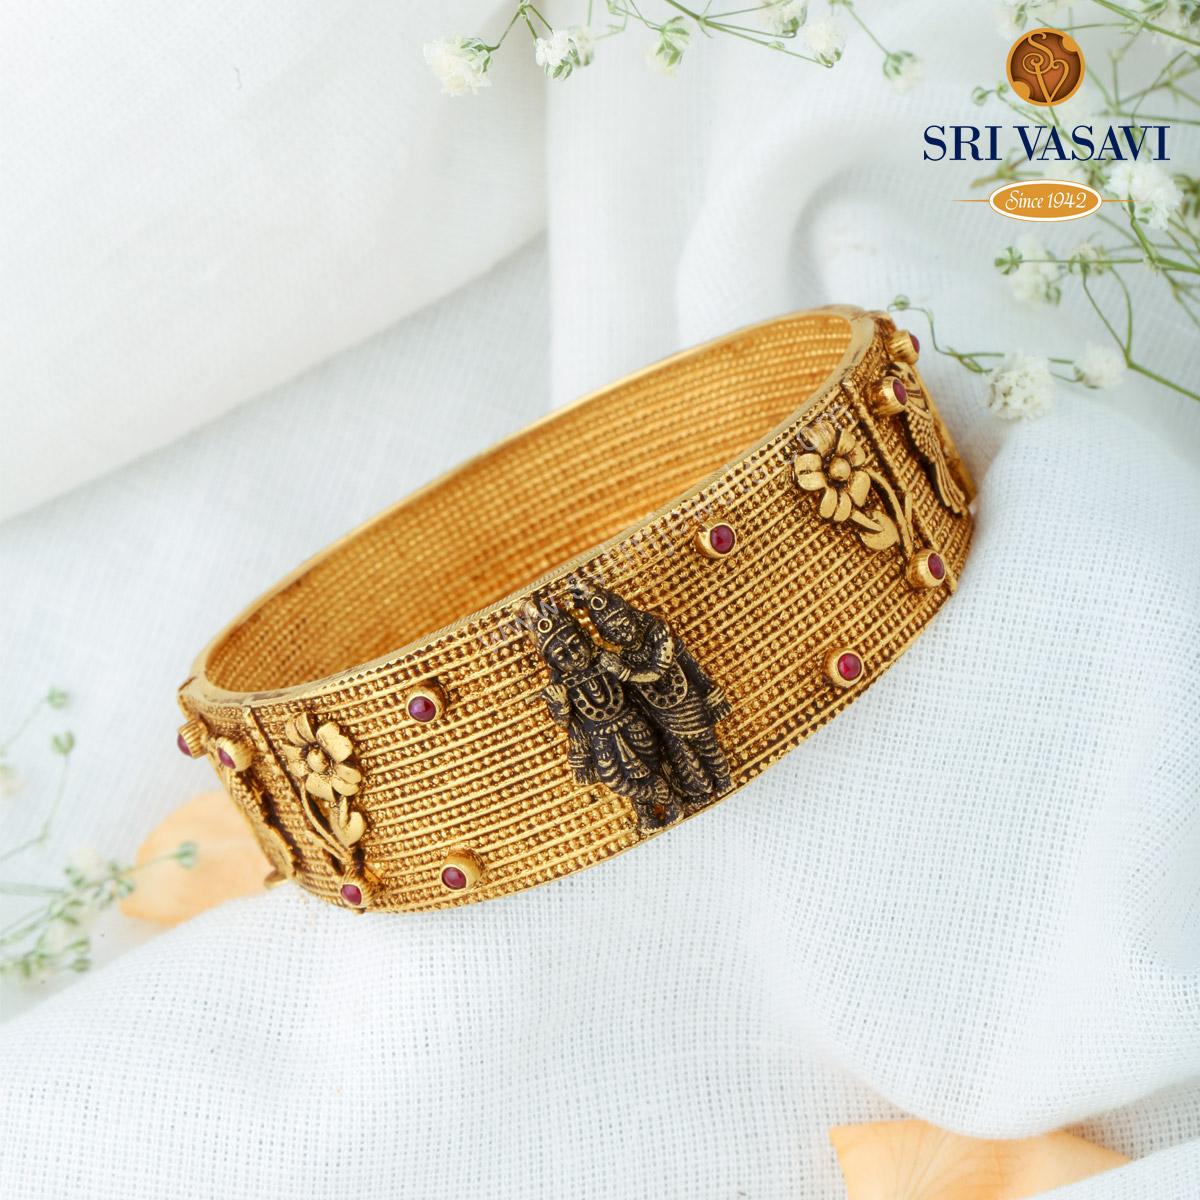 Ranga Viharani Bracelet